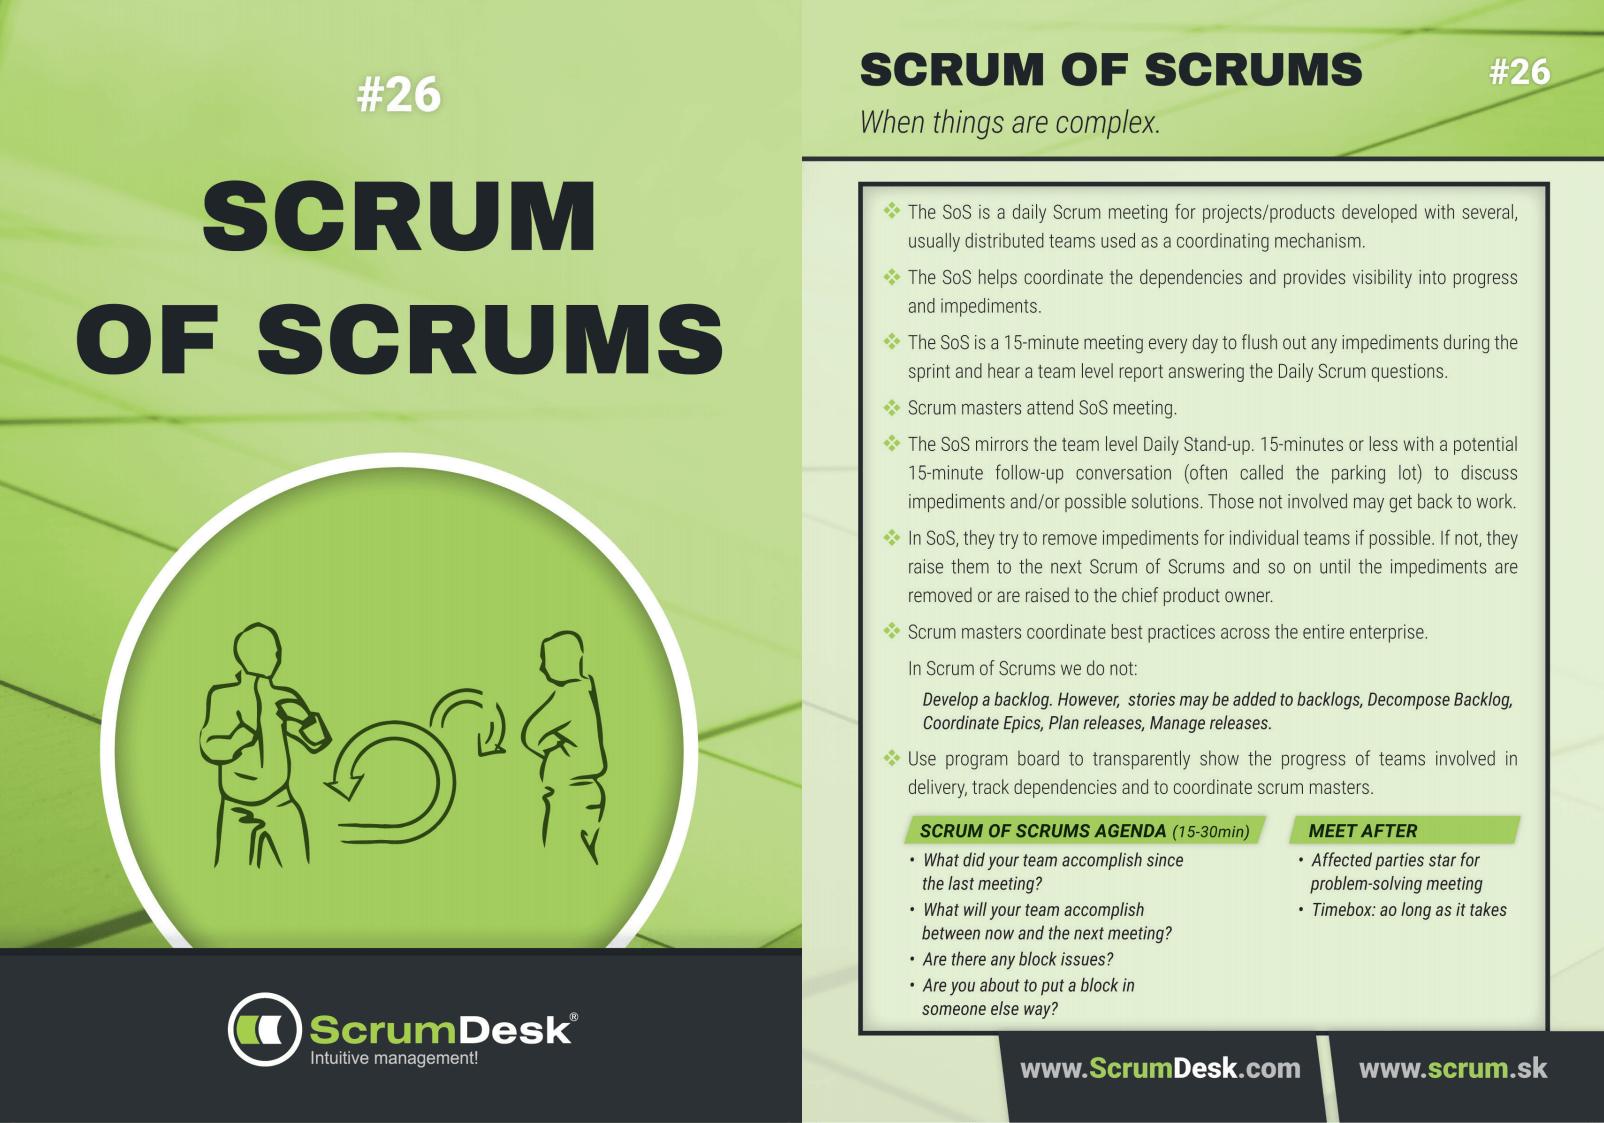 scrum karty 26 - Scrum of Scrum